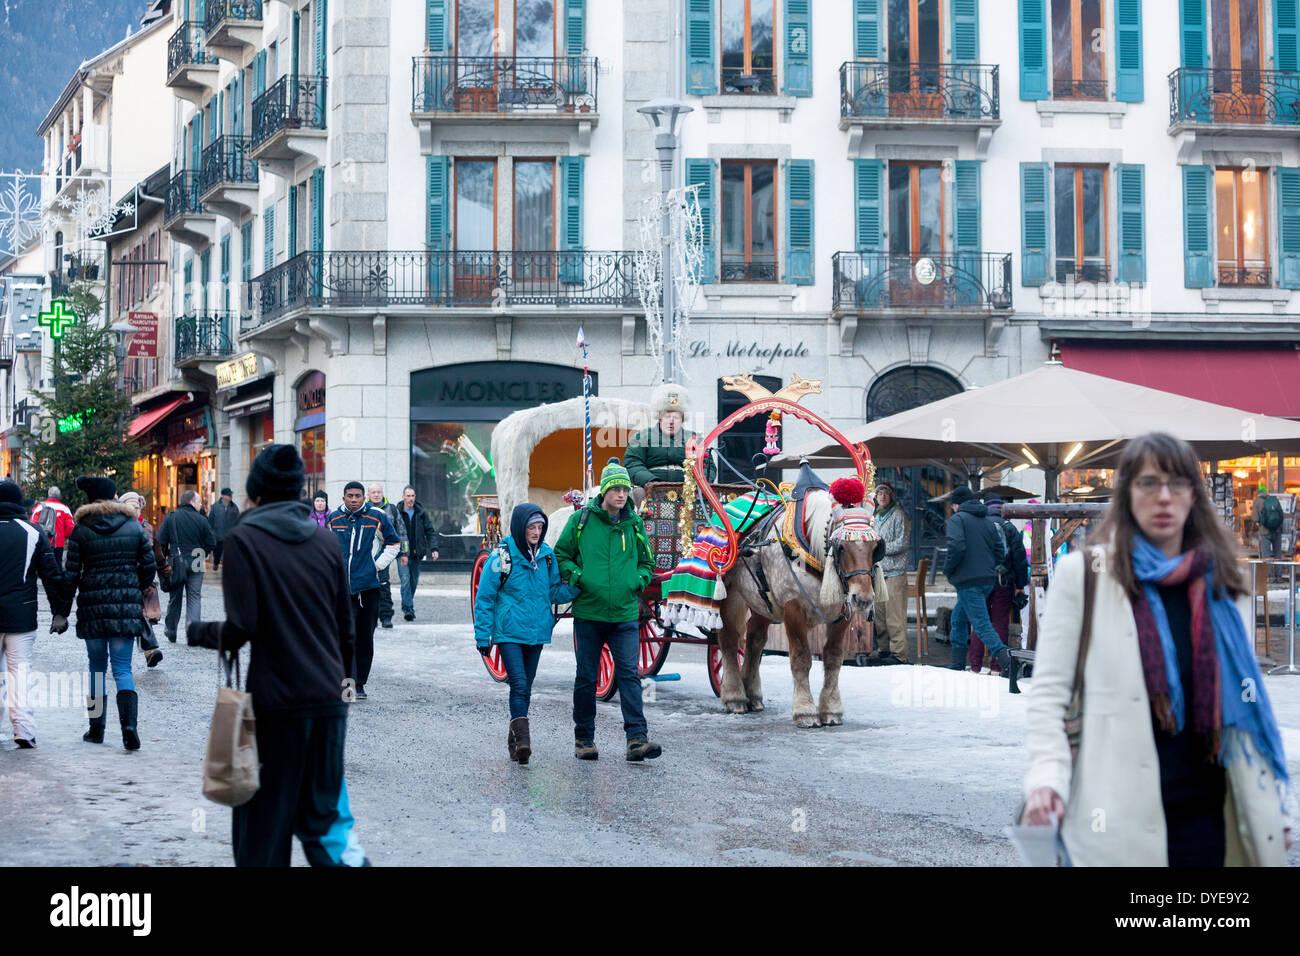 Los peatones caminar pasado una carreta tirada por un caballo cubierto de pieles en la Rue du Docteur Paccard en el municipio de Chamonix Mont-Blanc. Imagen De Stock